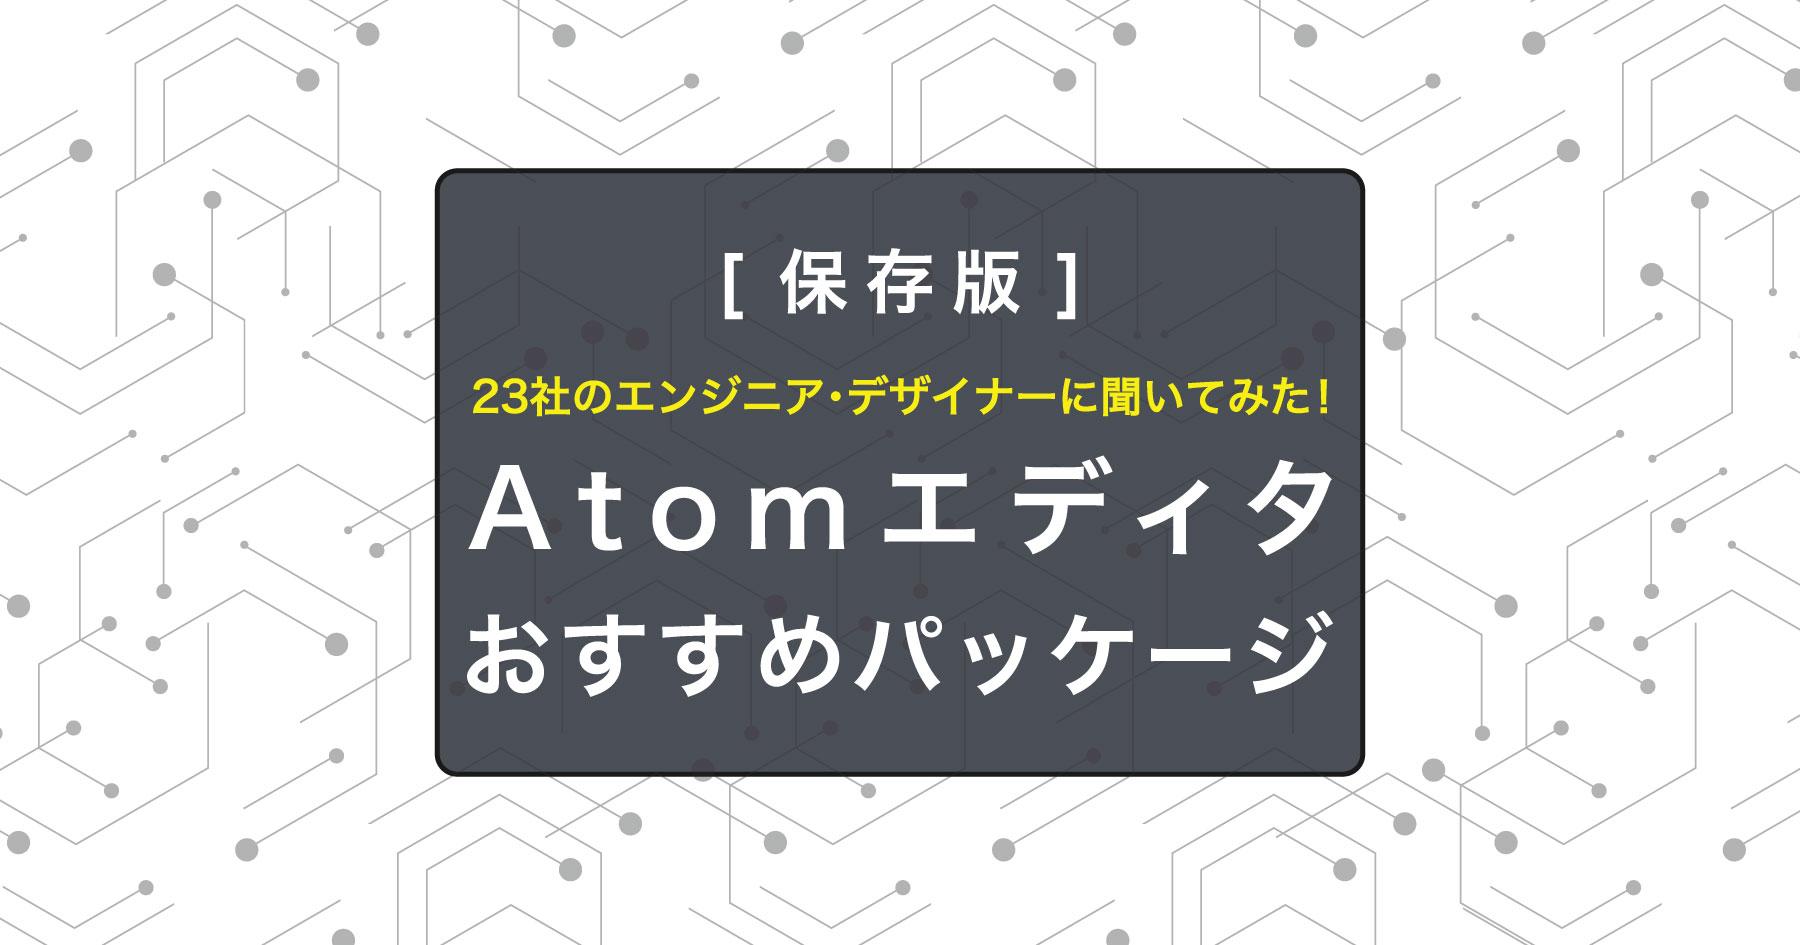 Atomエディタ 便利なパッケージ一覧! 全23社のWebエンジニア